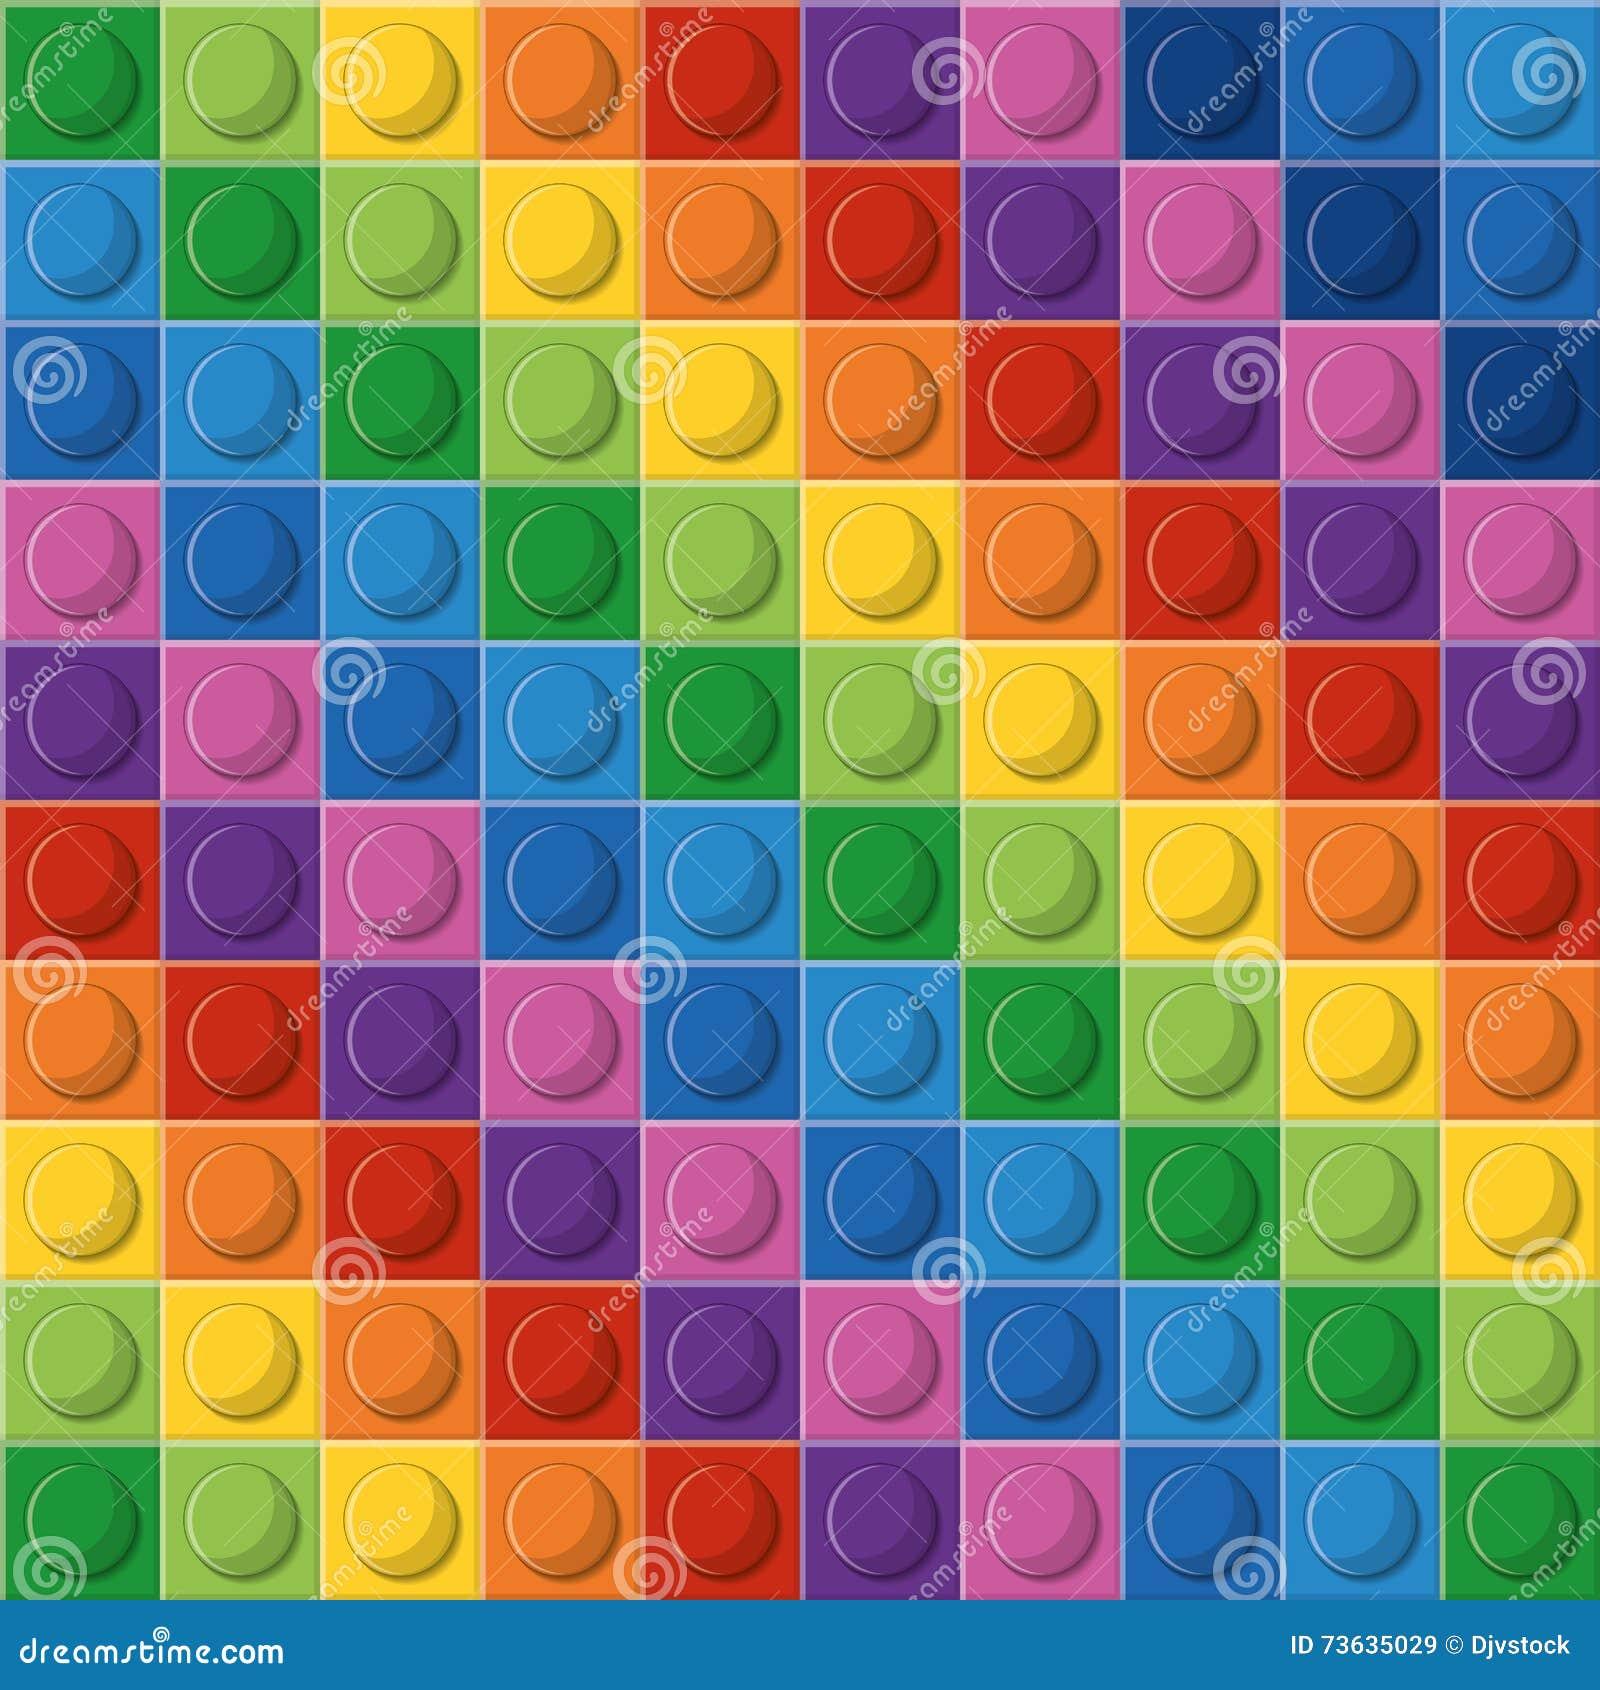 Εικονίδιο Lego Αφηρημένος αριθμός πολύχρωμος σαν διανυσματικά κύματα στροβίλου ανασκόπησης διακοσμητικά γραφικά τυποποιημένα